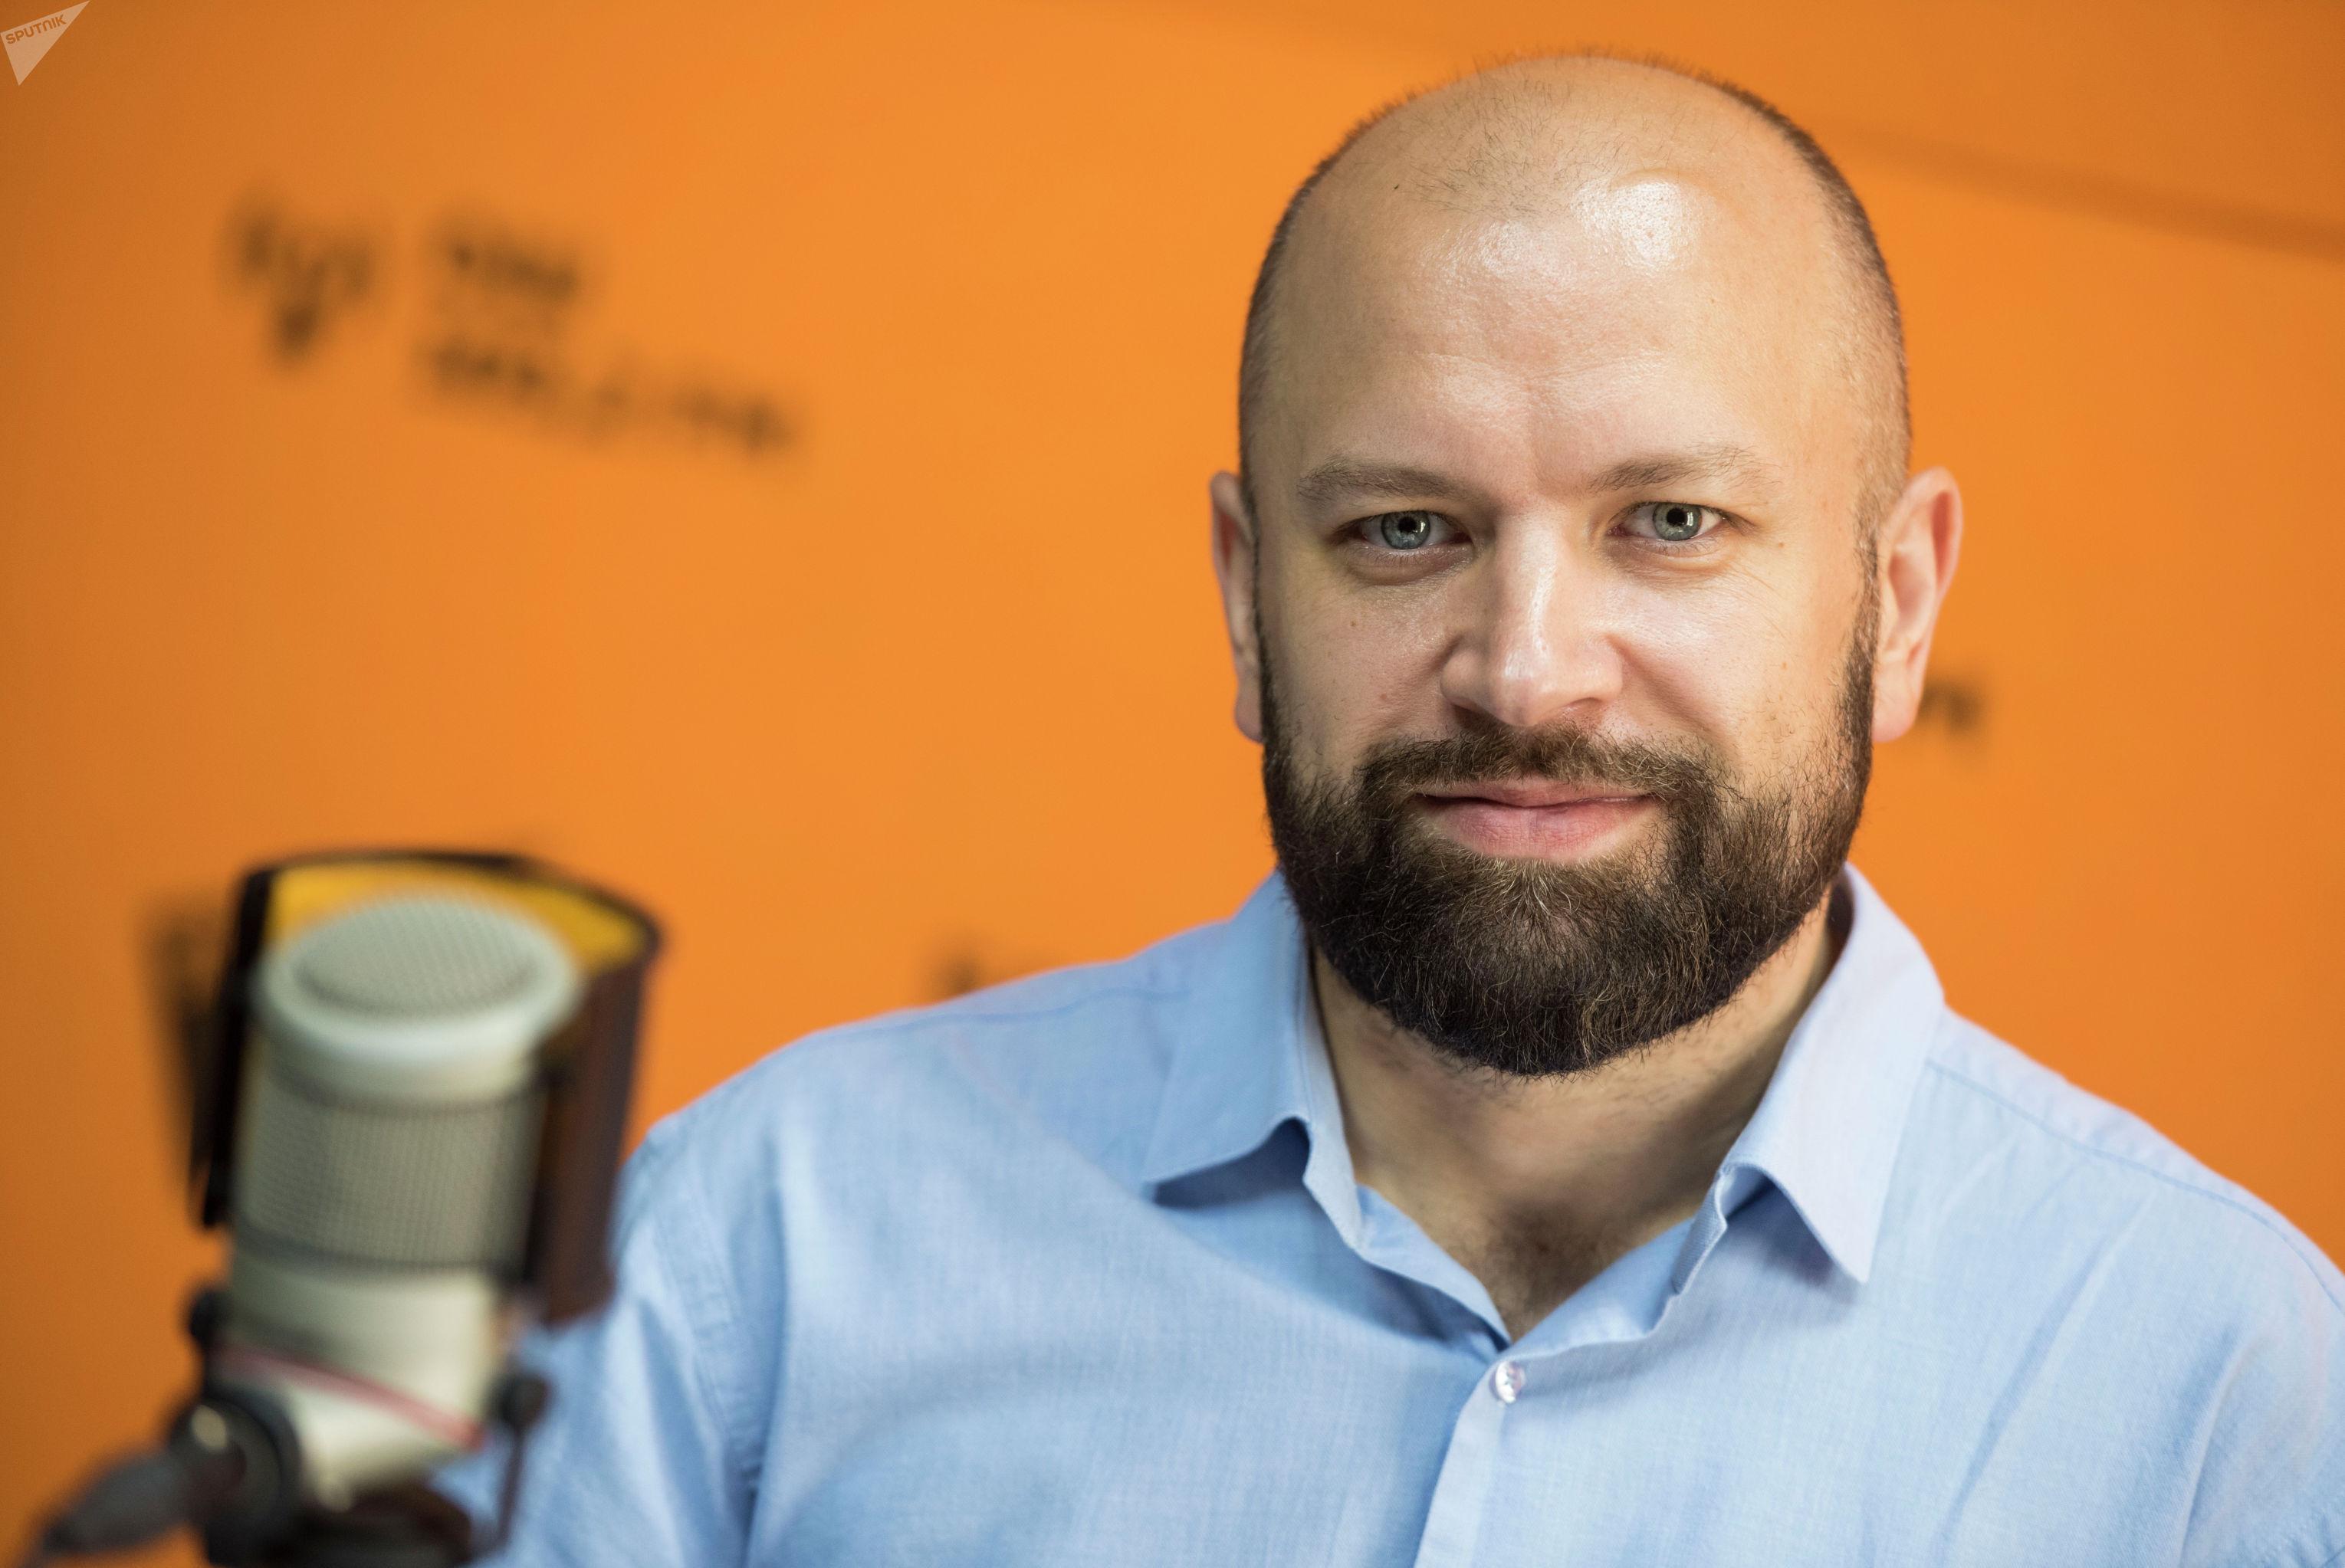 Руководитель проекта по внедрению электронного билетирования Арсен Кондахчан во время беседы на радио Sputnik Кыргызстан